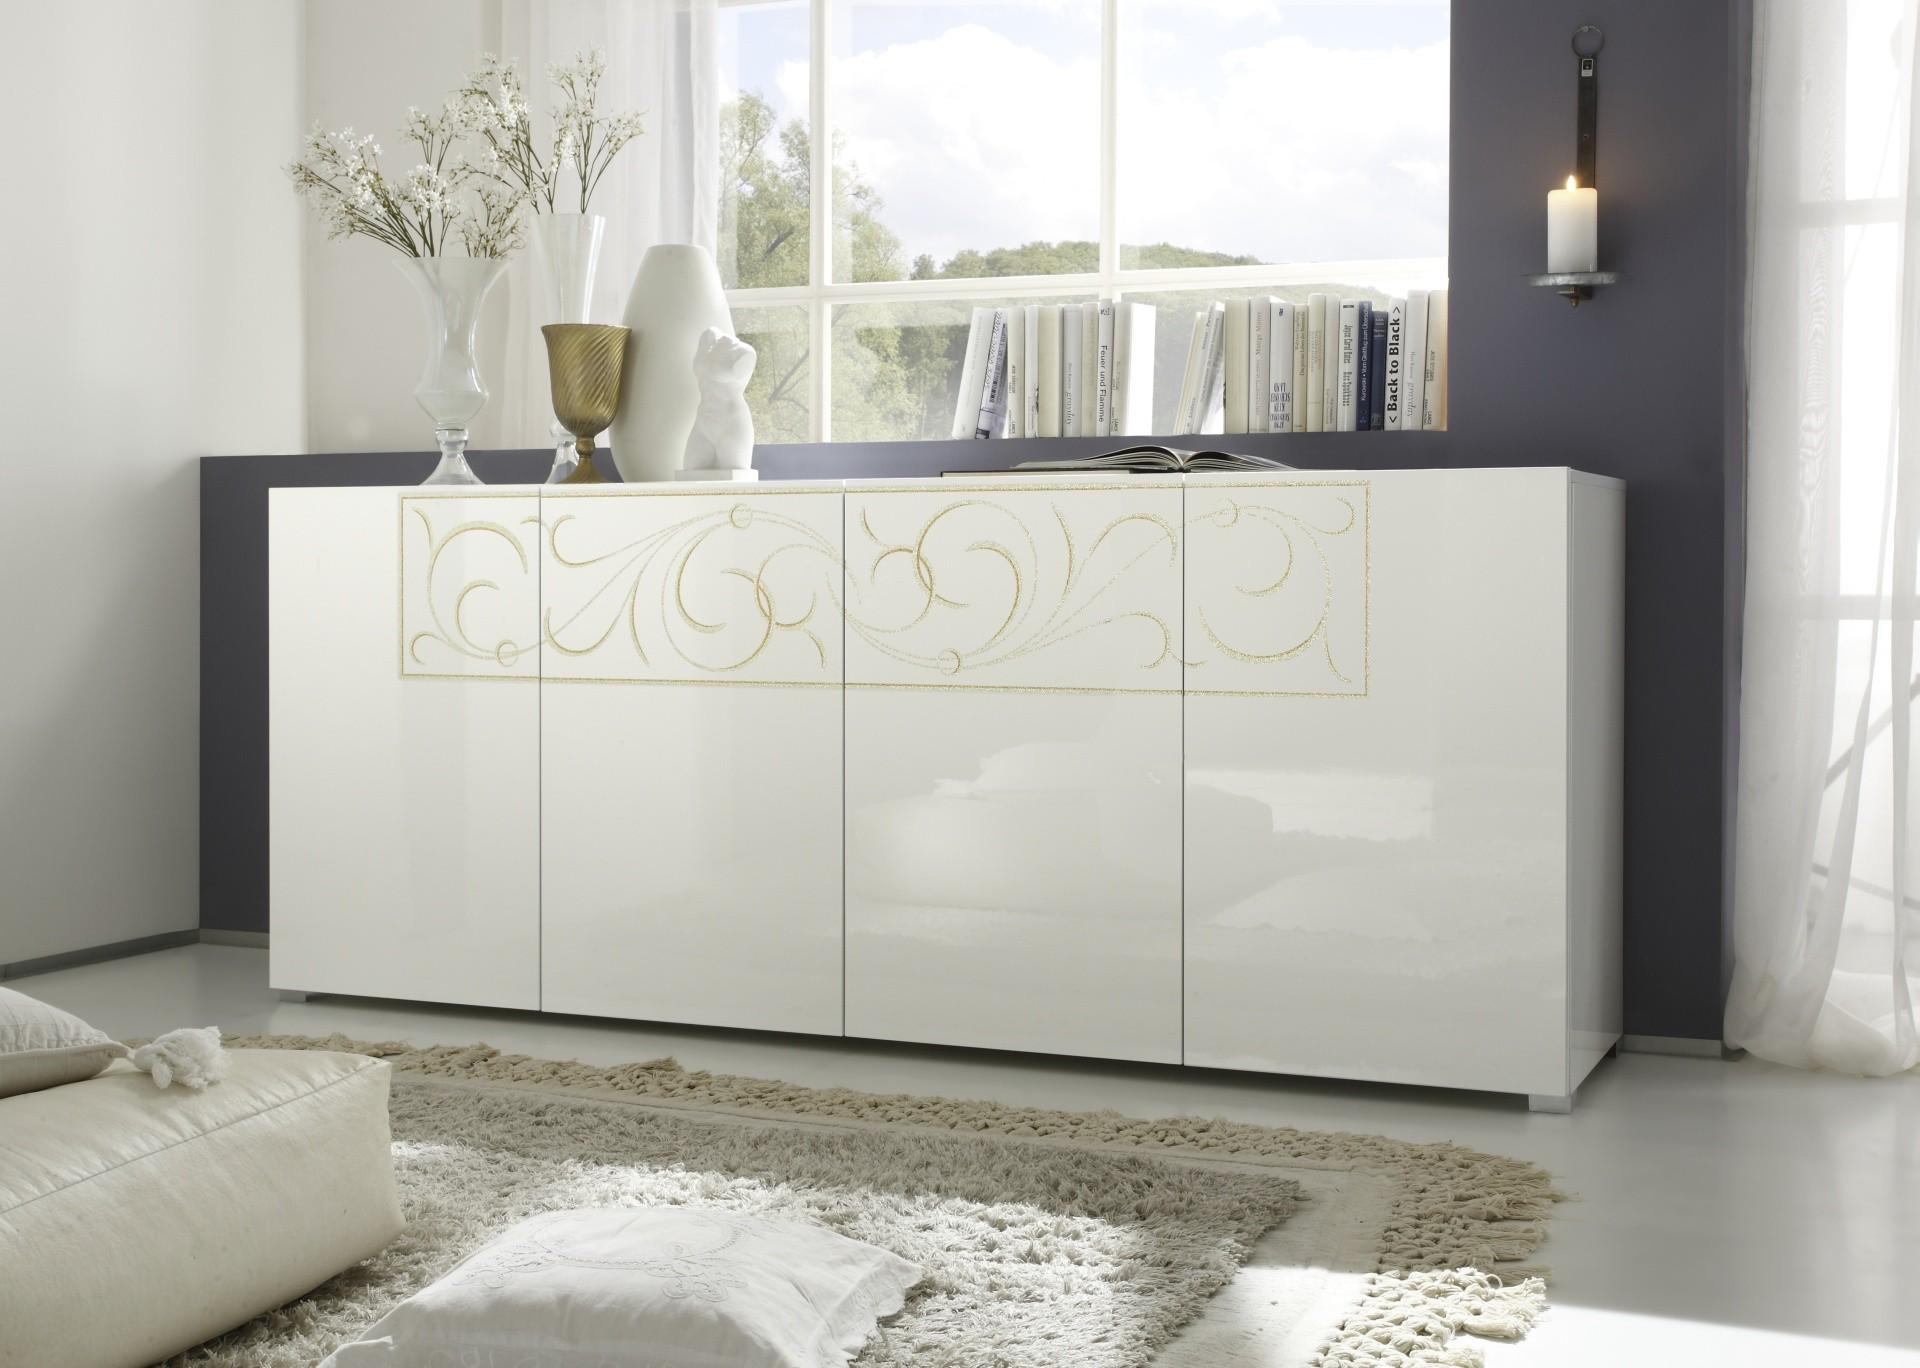 Bahut bas padua blanc brillant prix discount qualit italienne - Bahut design haut de gamme ...